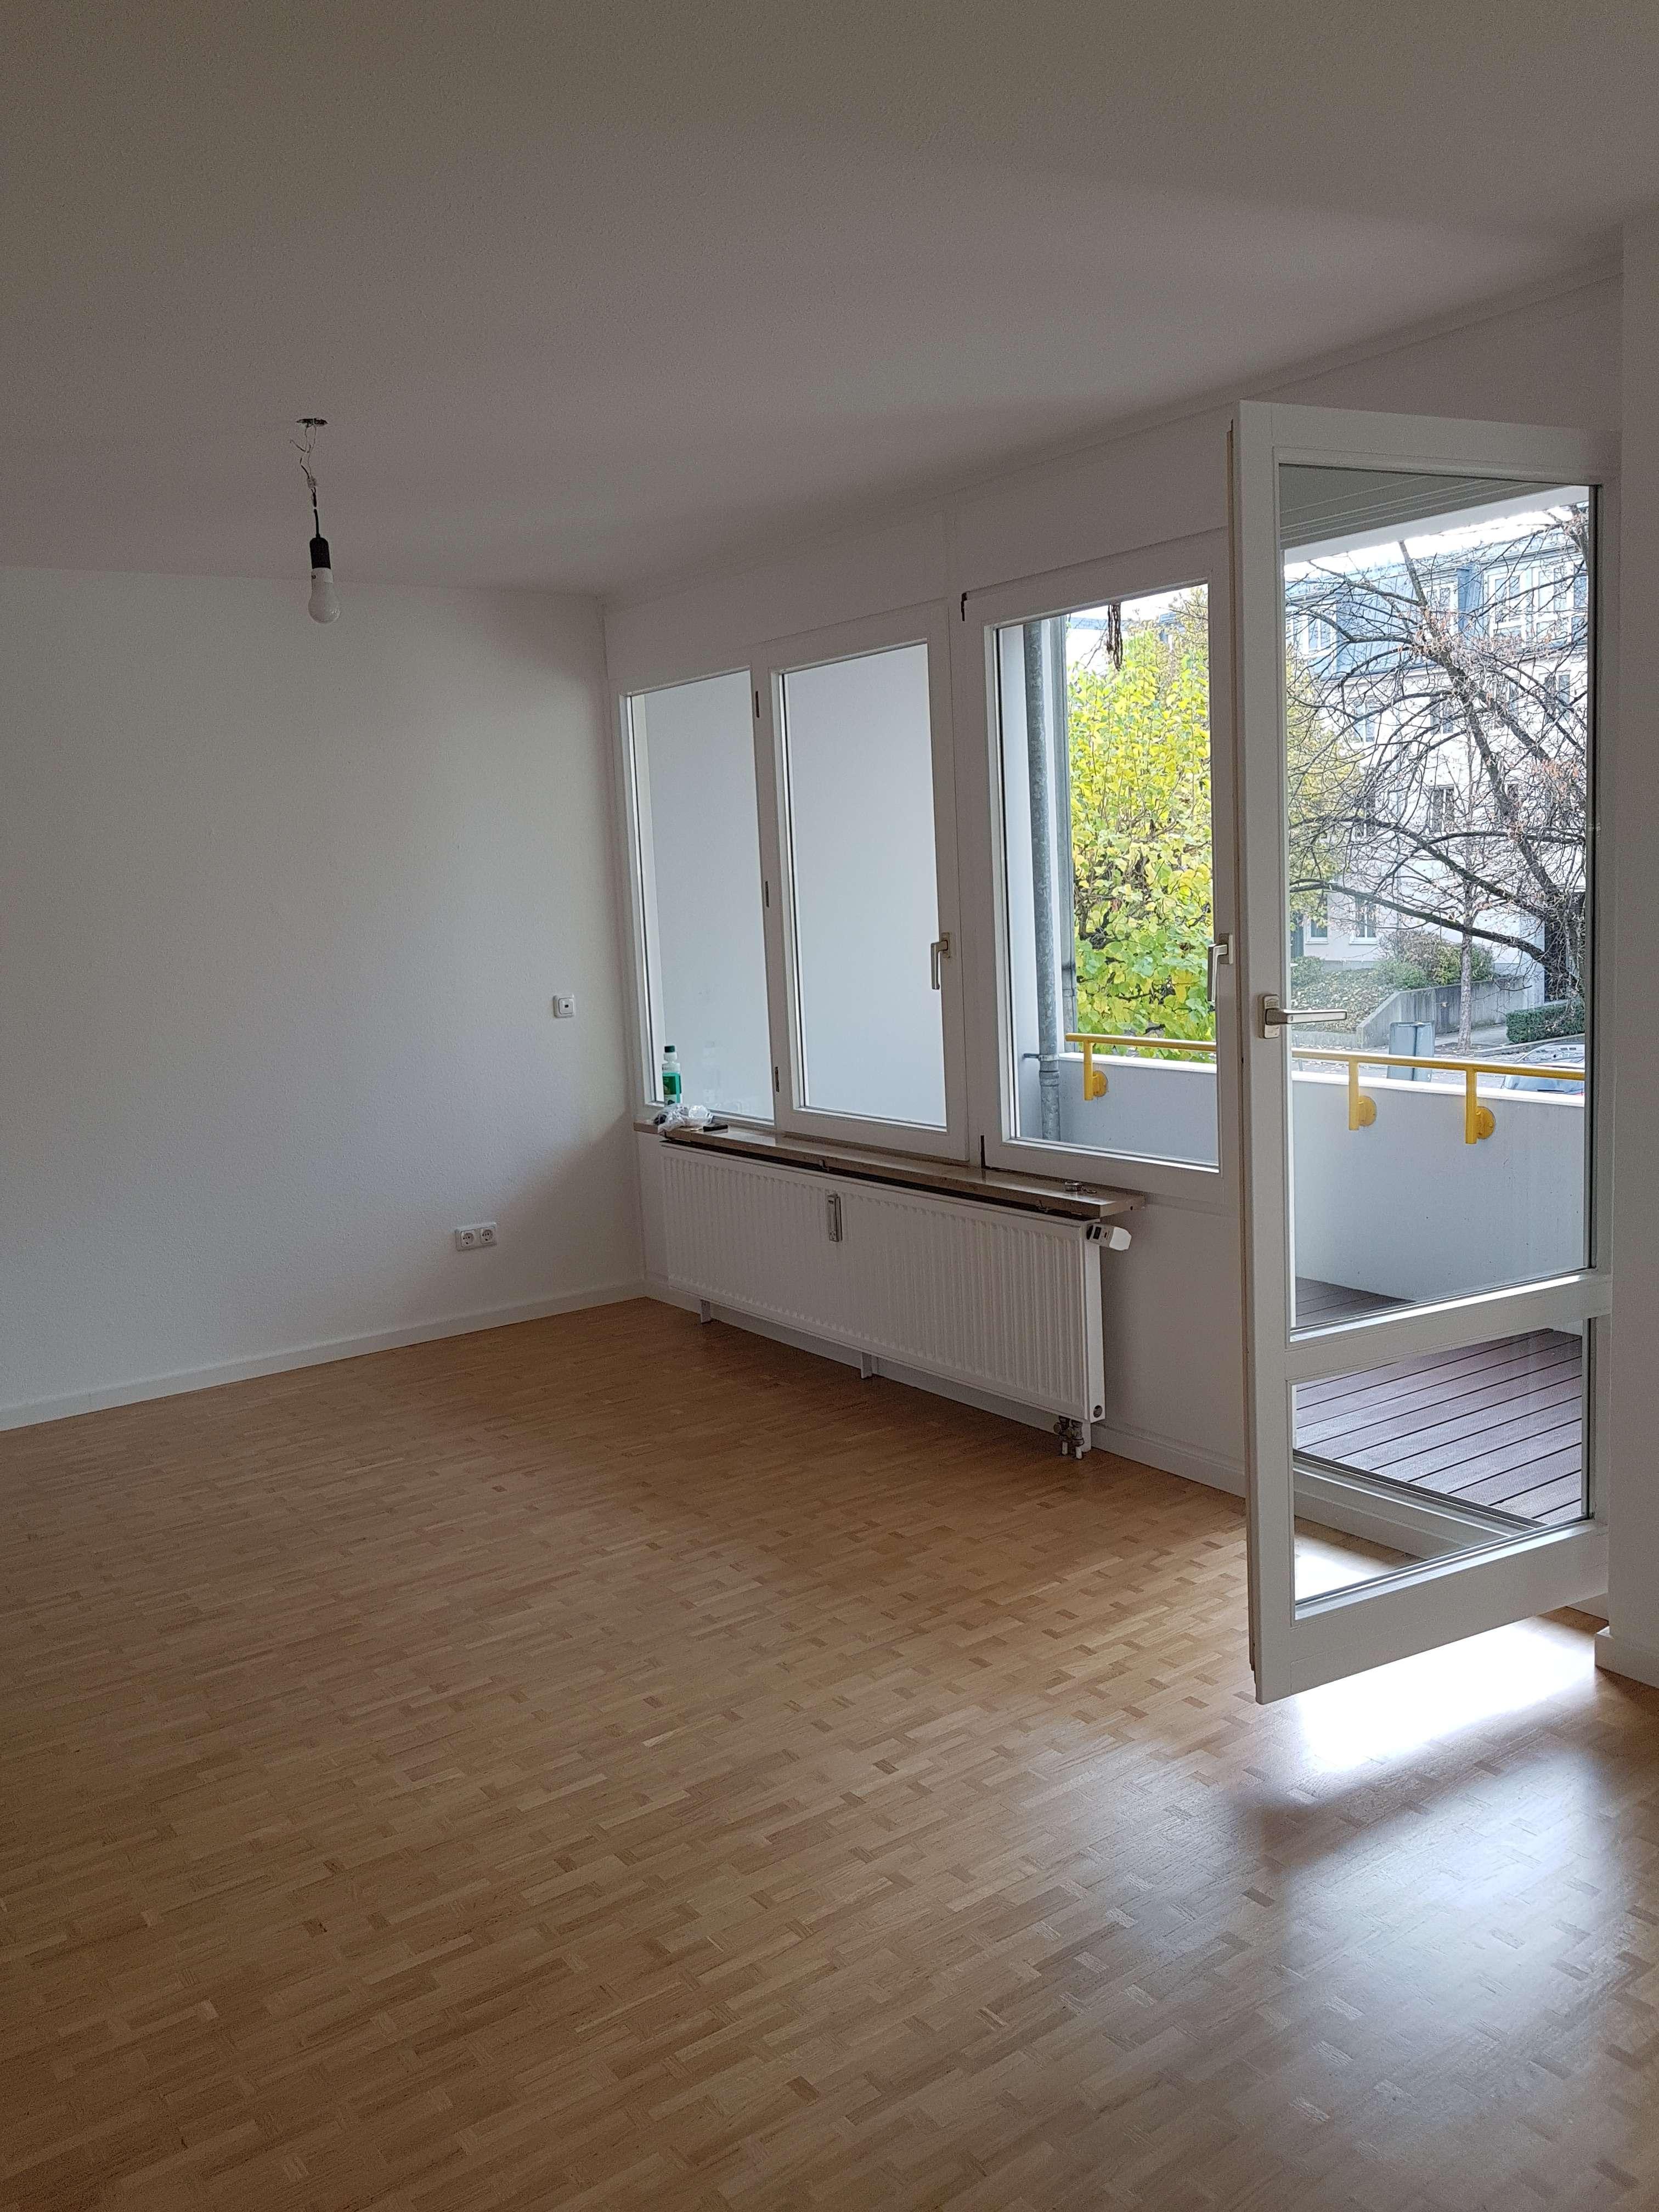 Renovierte 2-Zimmer-Wohnung mit Balkon in Johanneskirchen in Bogenhausen (München)